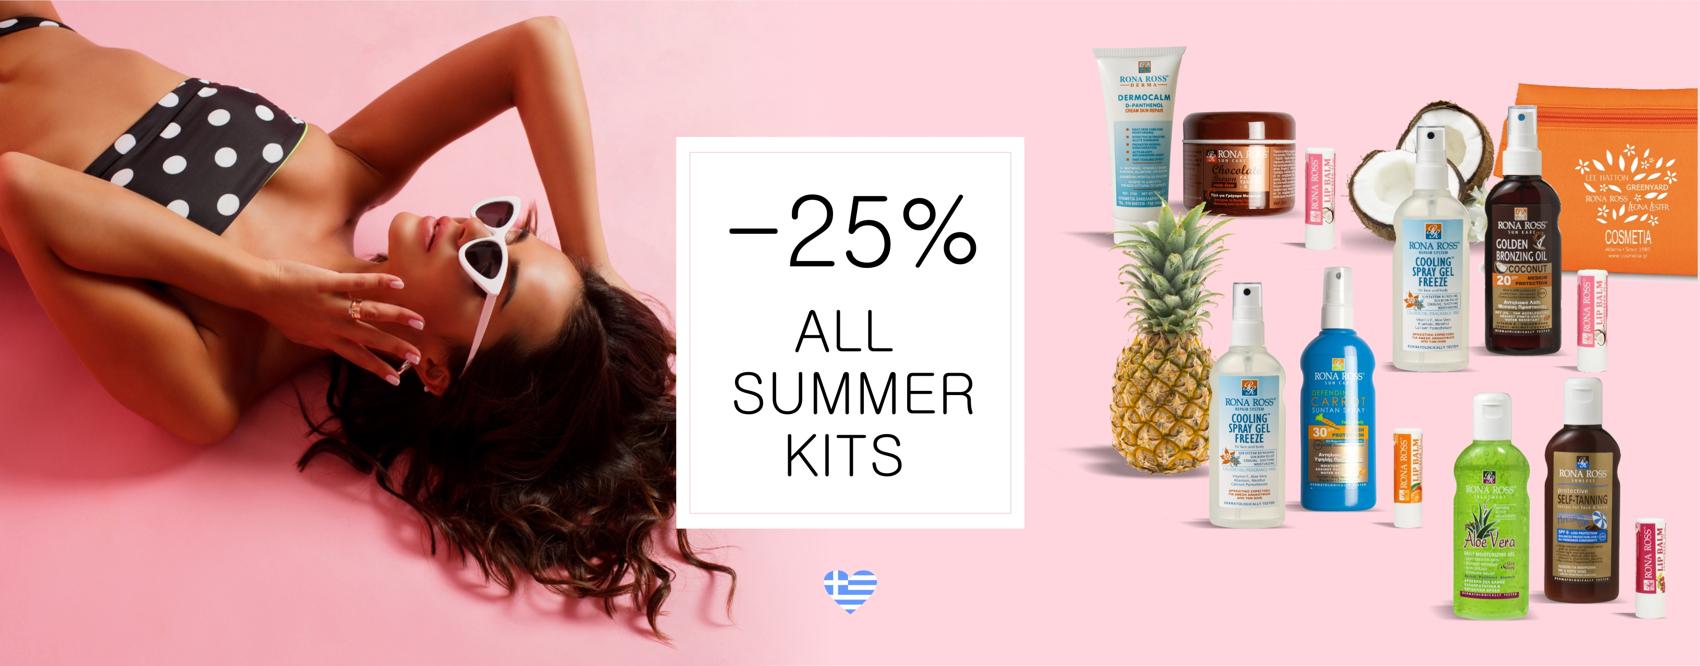 SUMMER KITS -25%